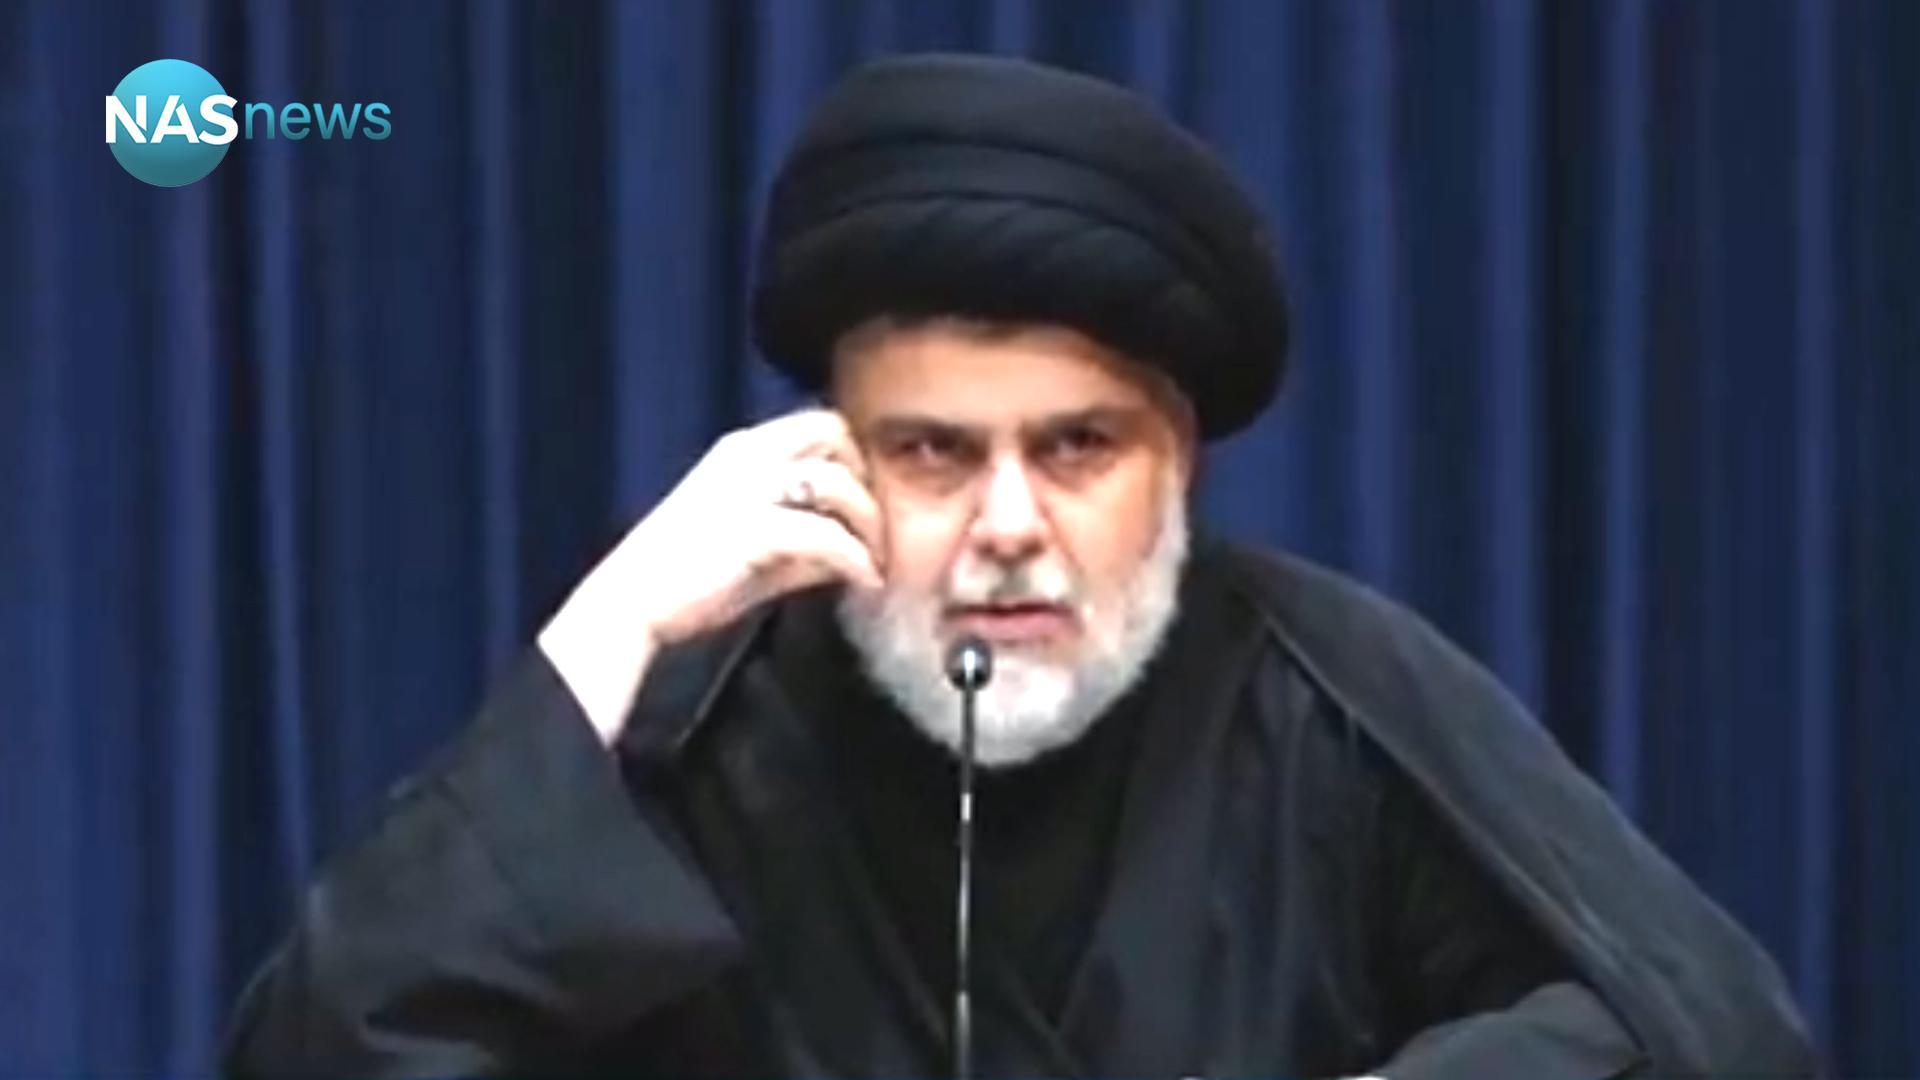 'وزير الصدر' يتطرق إلى 'الأعمال الوقحة' ويطلب من أنصار التيار الالتزام بأربع قضايا